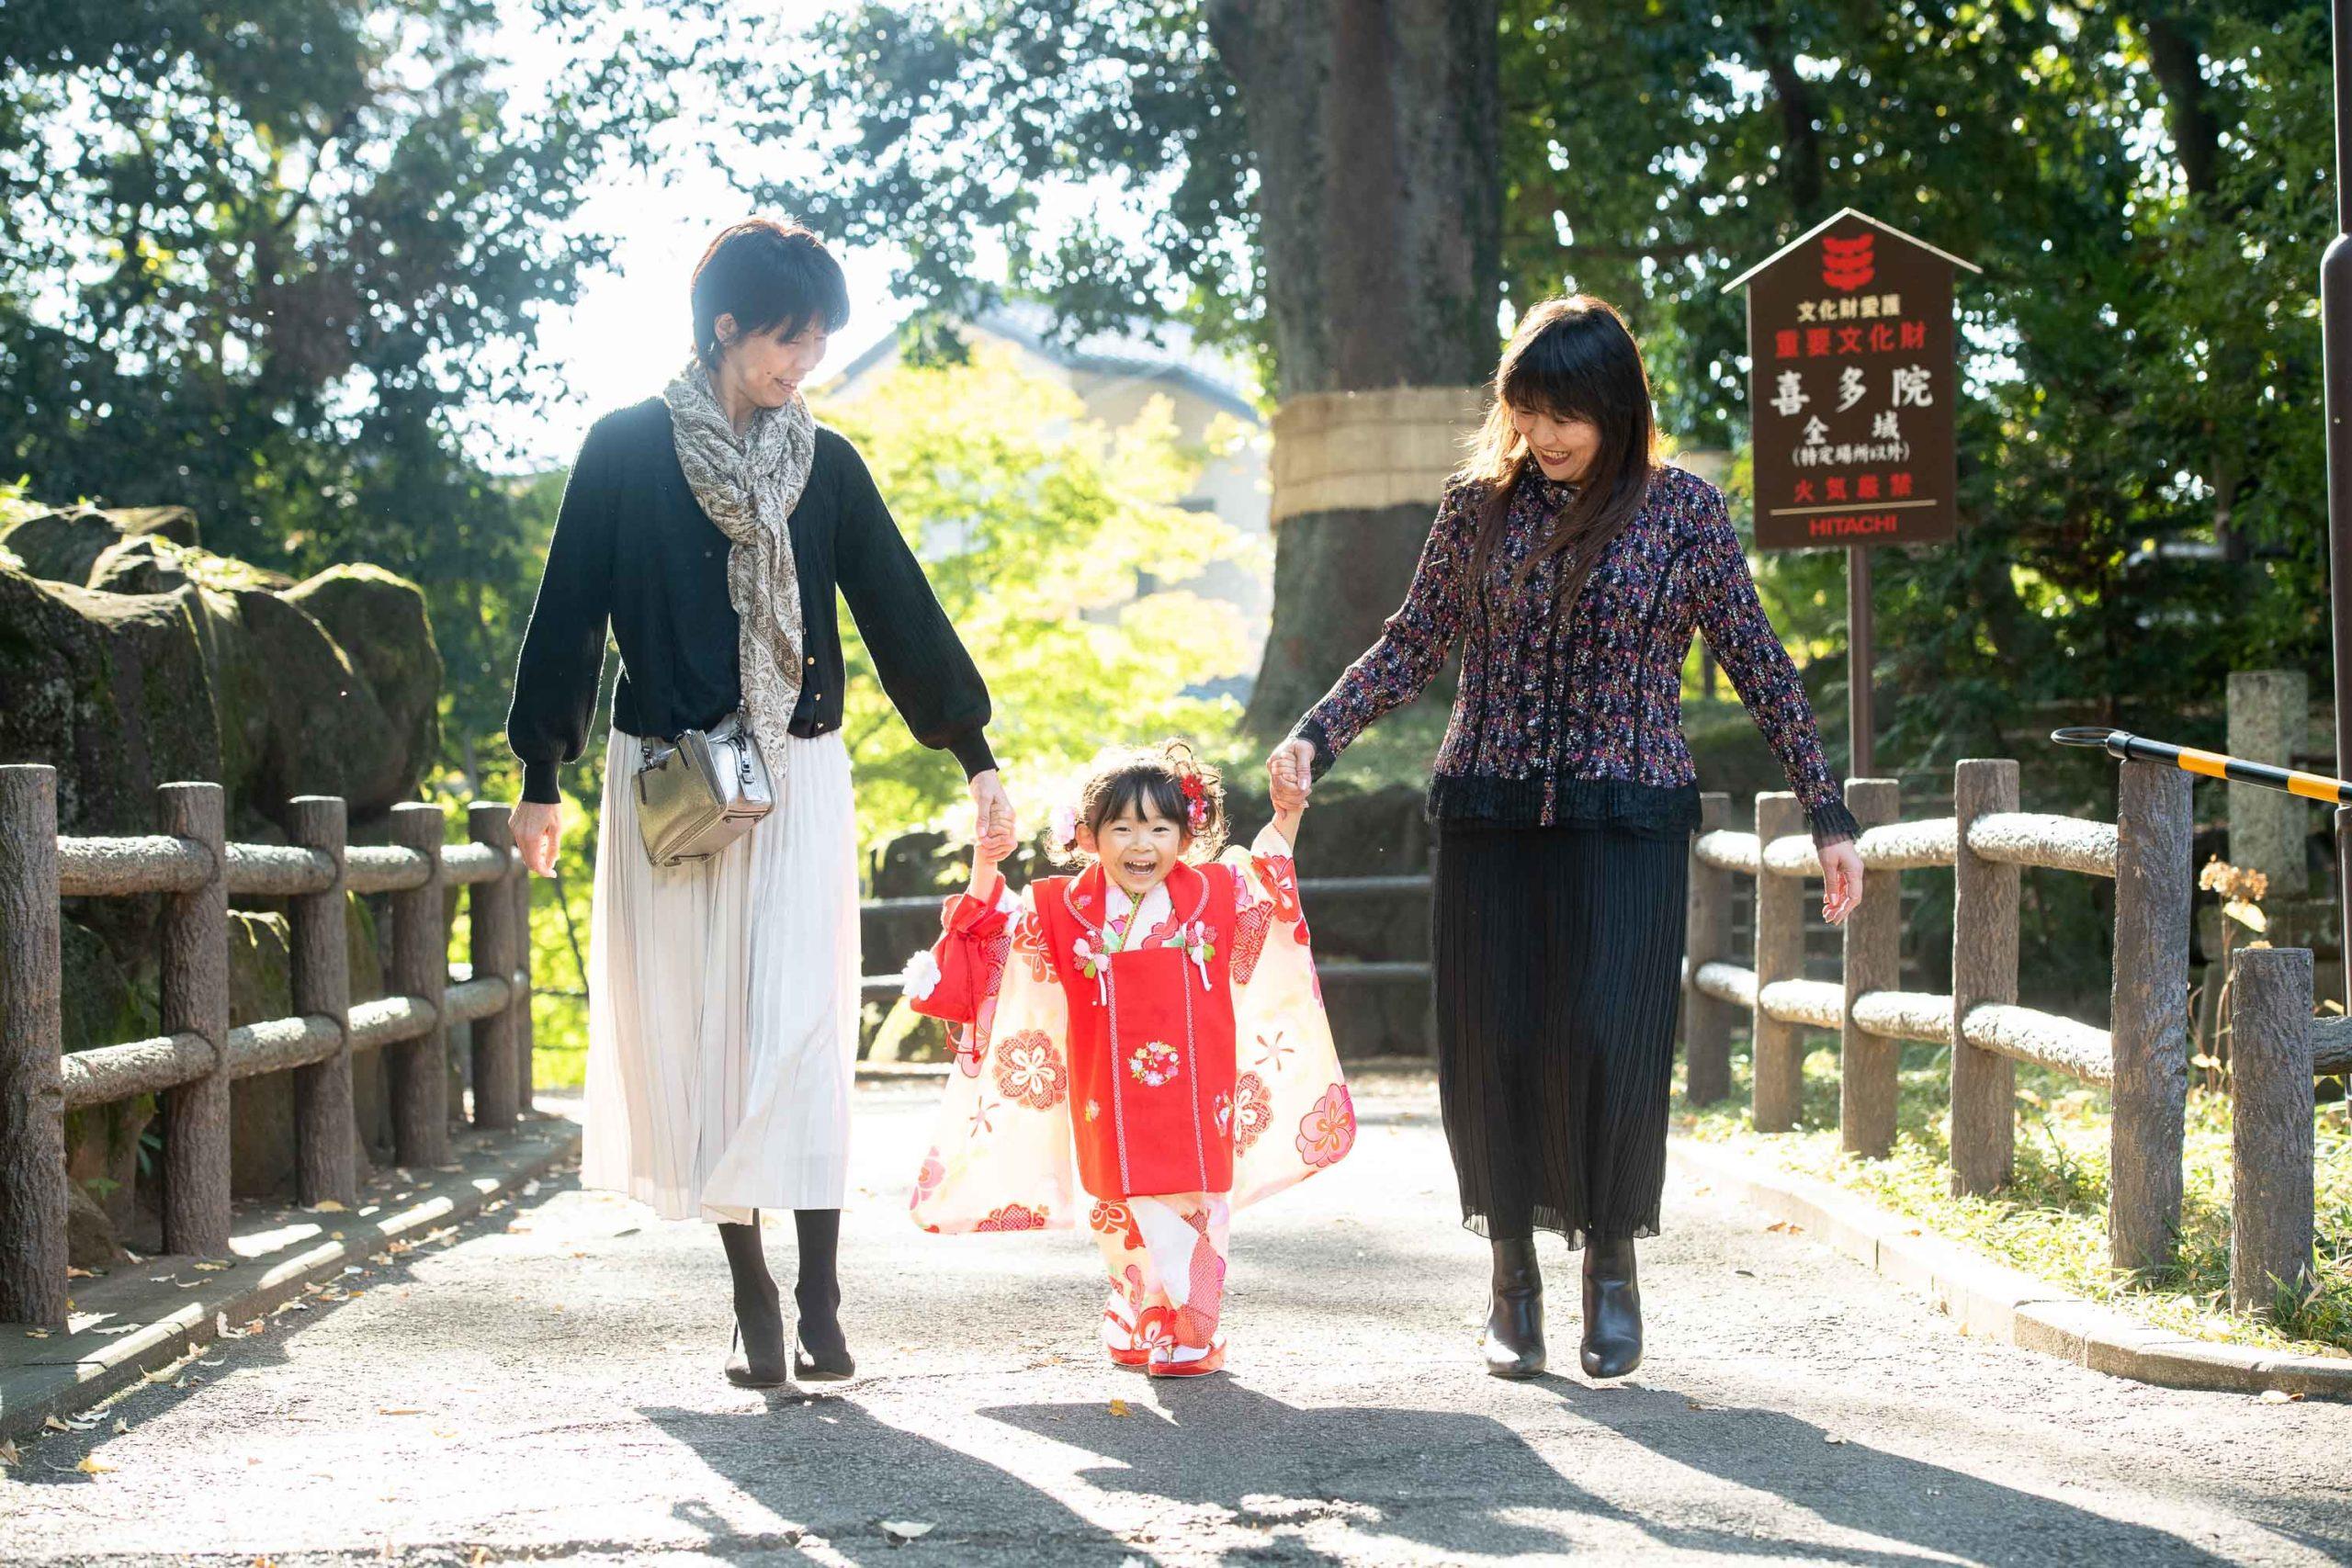 二人の女性に手をひかれる着物を着た小さな男の子と女の子